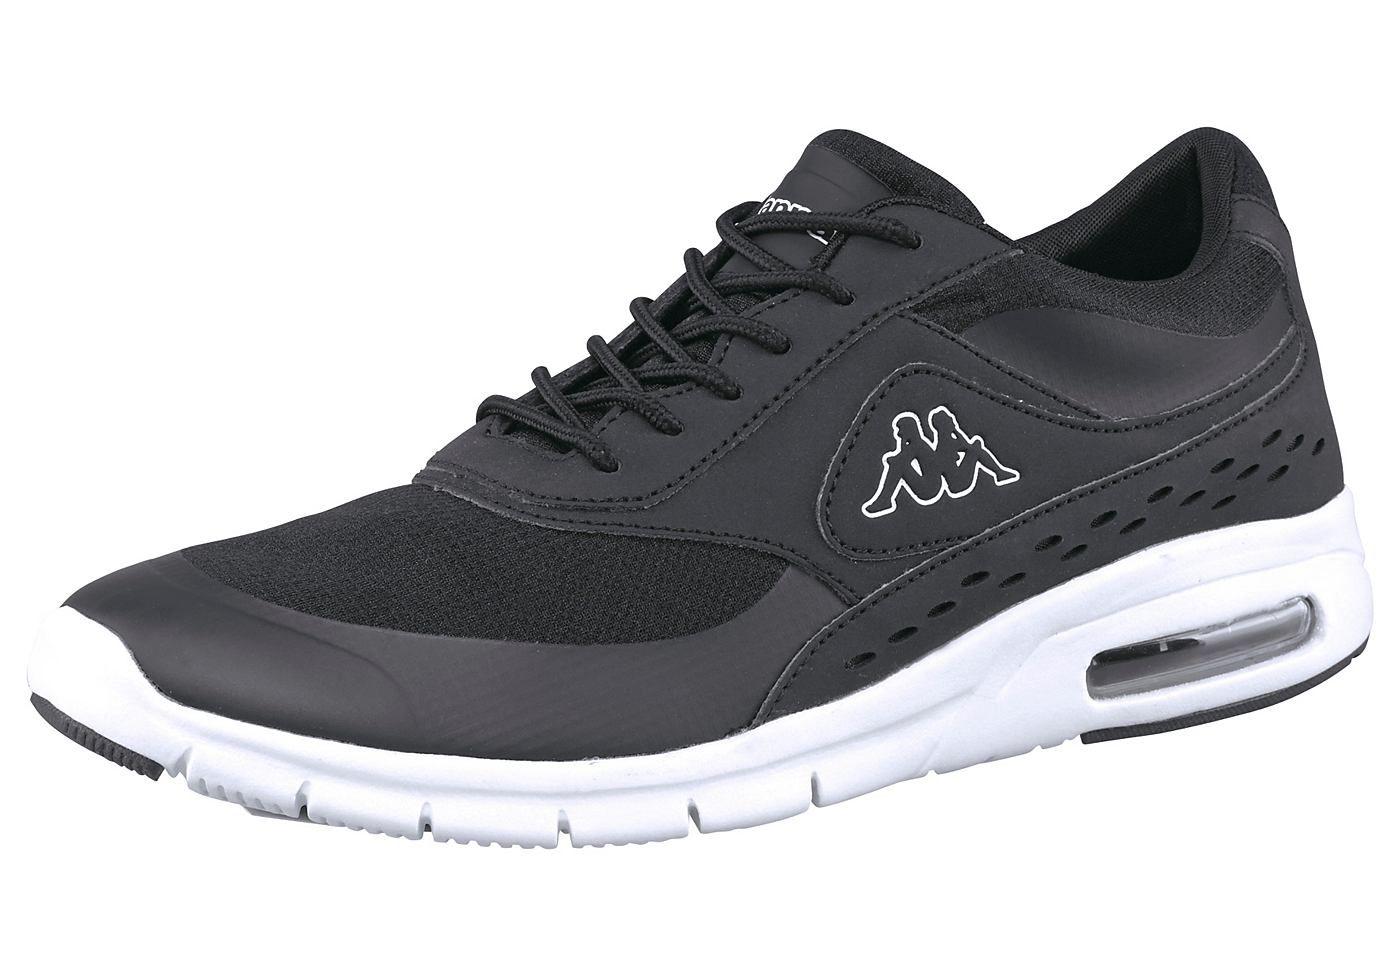 Produkttyp , Sneaker, |Schuhhöhe , Niedrig (low), |Farbe , Schwarz, |Herstellerfarbbezeichnung , BLACK/WHITE, |Obermaterial , Materialmix aus Synthetik und Textil, |Verschlussart , Schnürung, |Laufsohle , Gummi, | ...